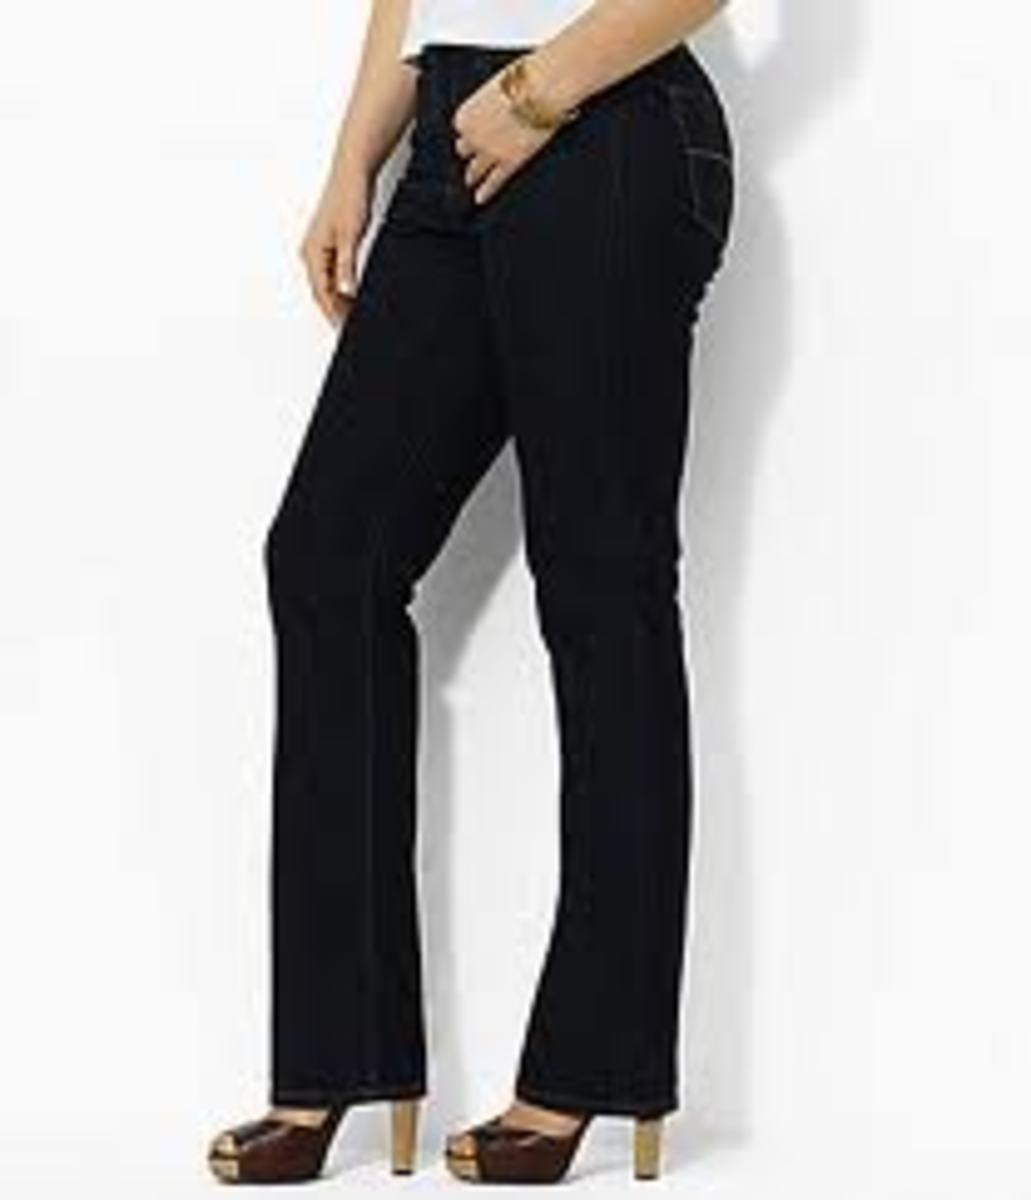 Ralph Lauren Jeans - Popular Jeans of the 80s